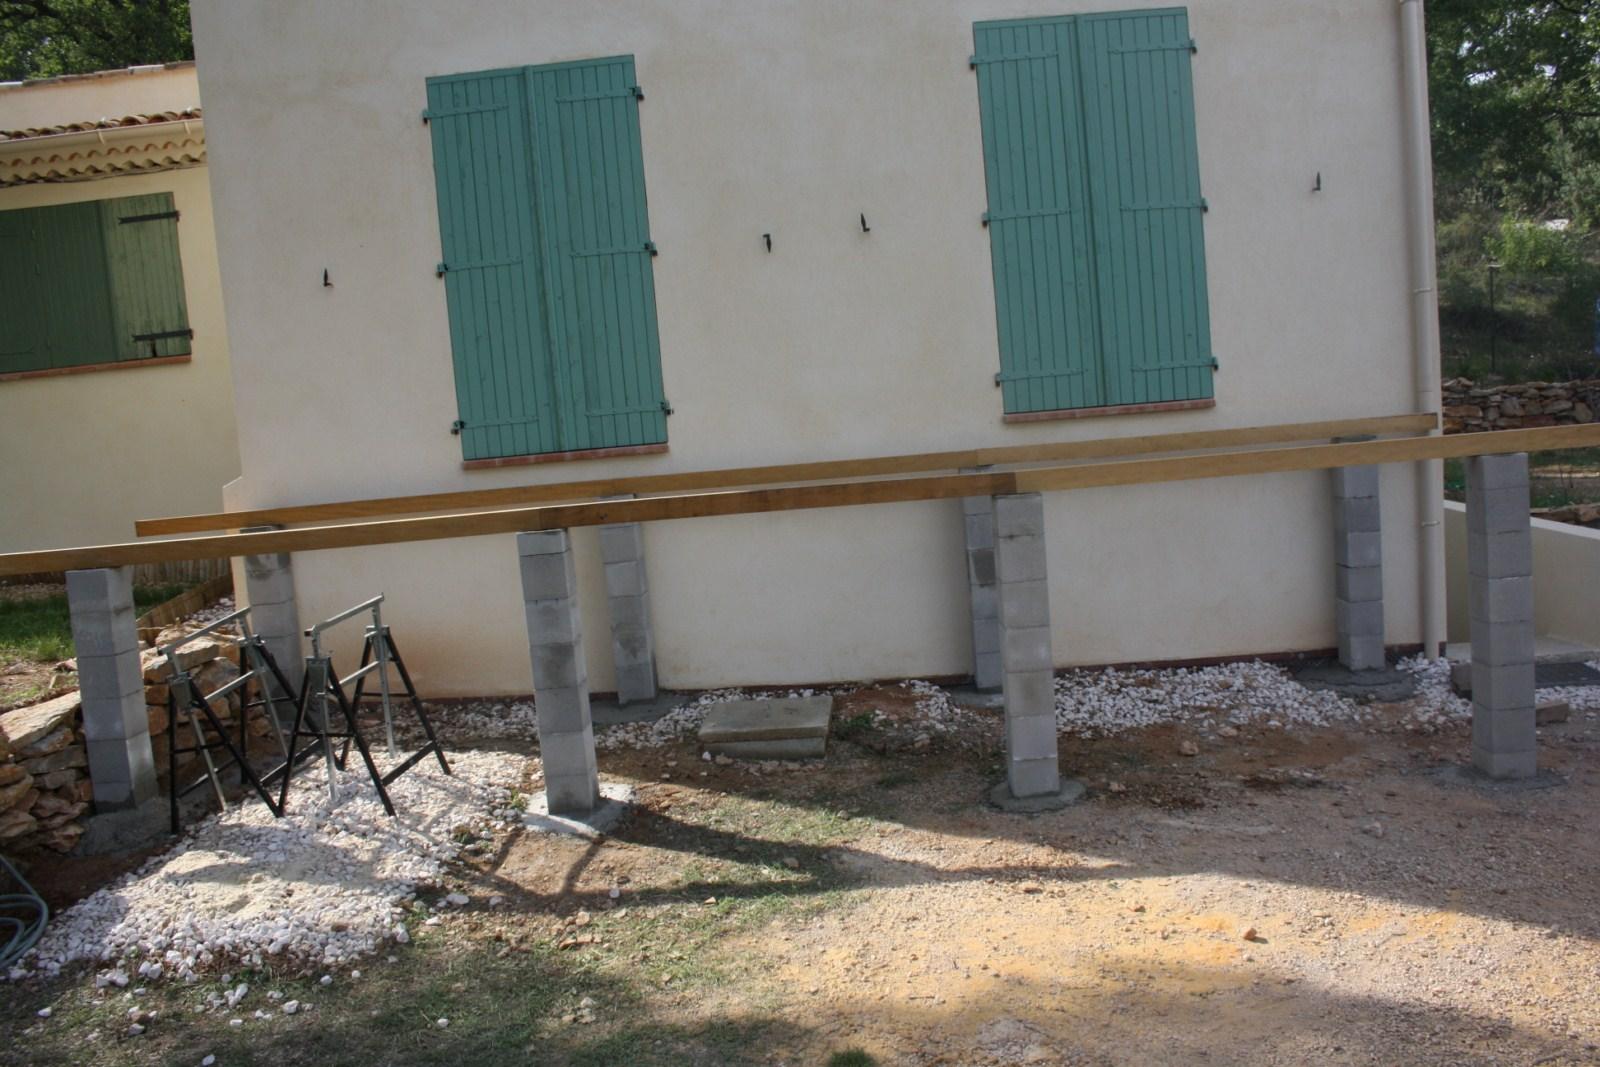 Poteau Bois Pour Terrasse réalisation d'une terrasse en bois exotique ipe sur piliers